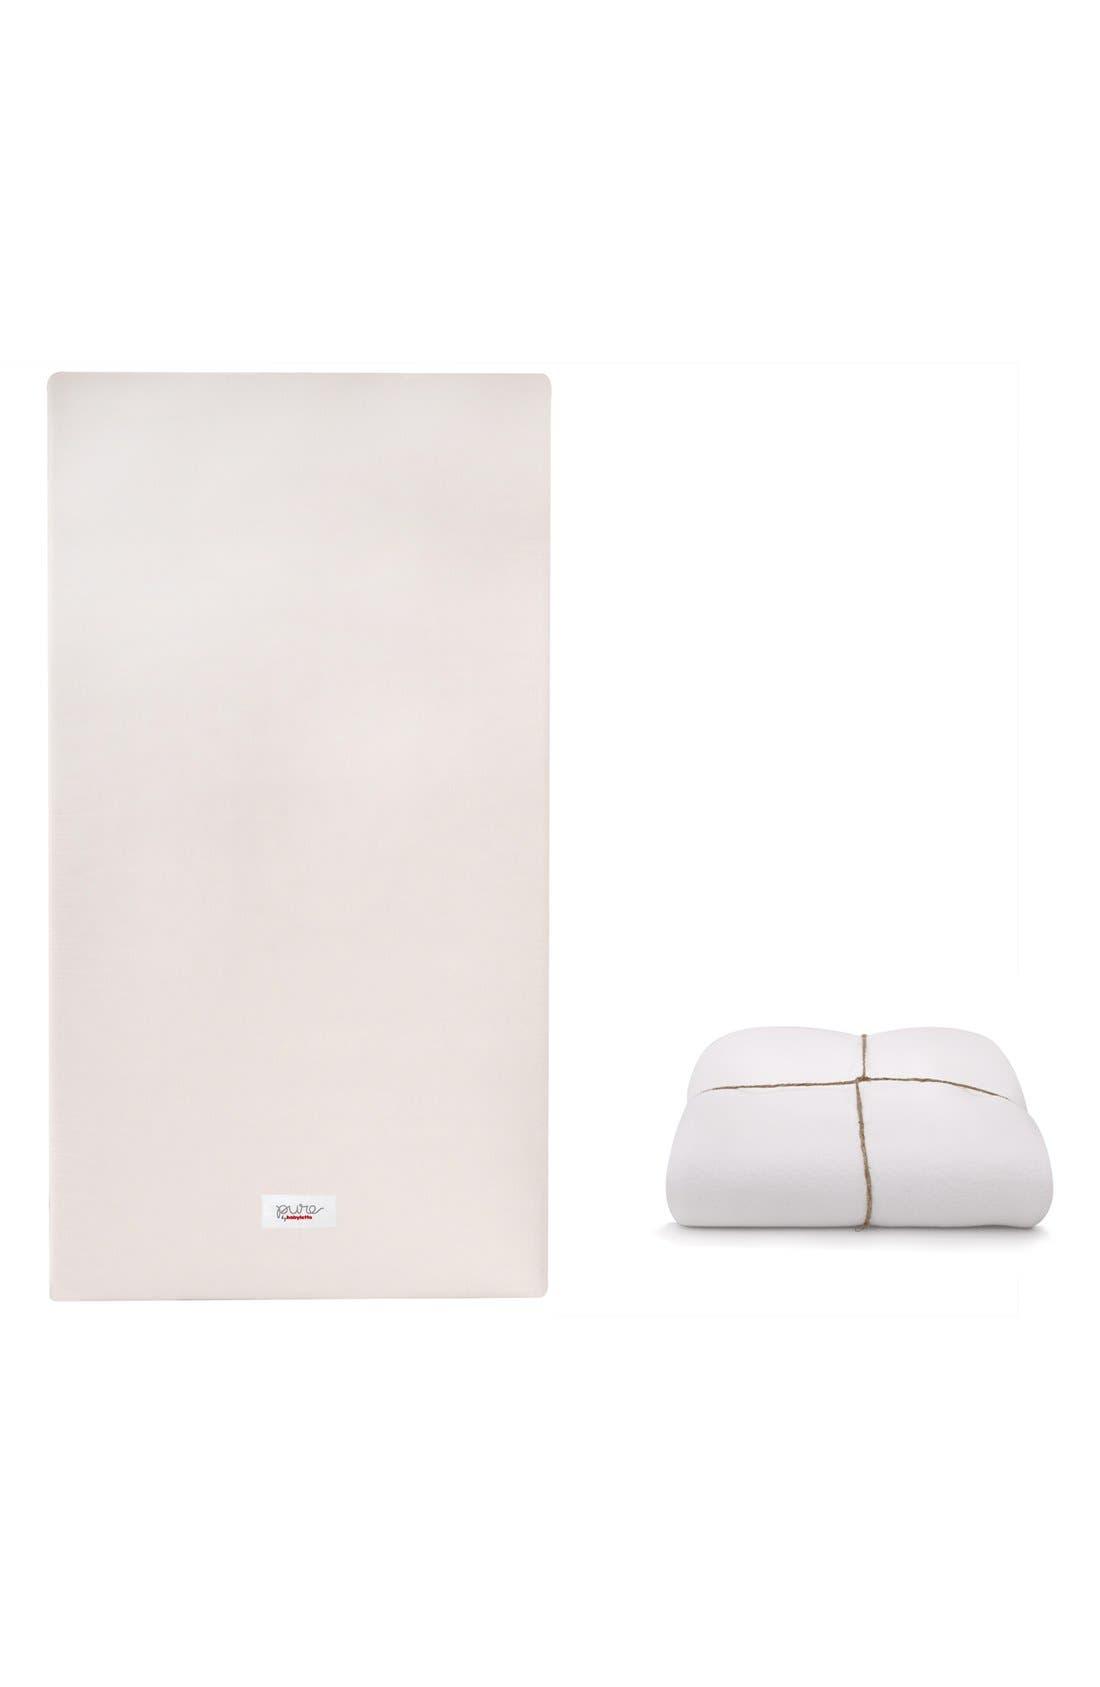 'Coco Core' Nontoxic Crib Mattress & Water Repellent SMART Cover,                         Main,                         color, 100